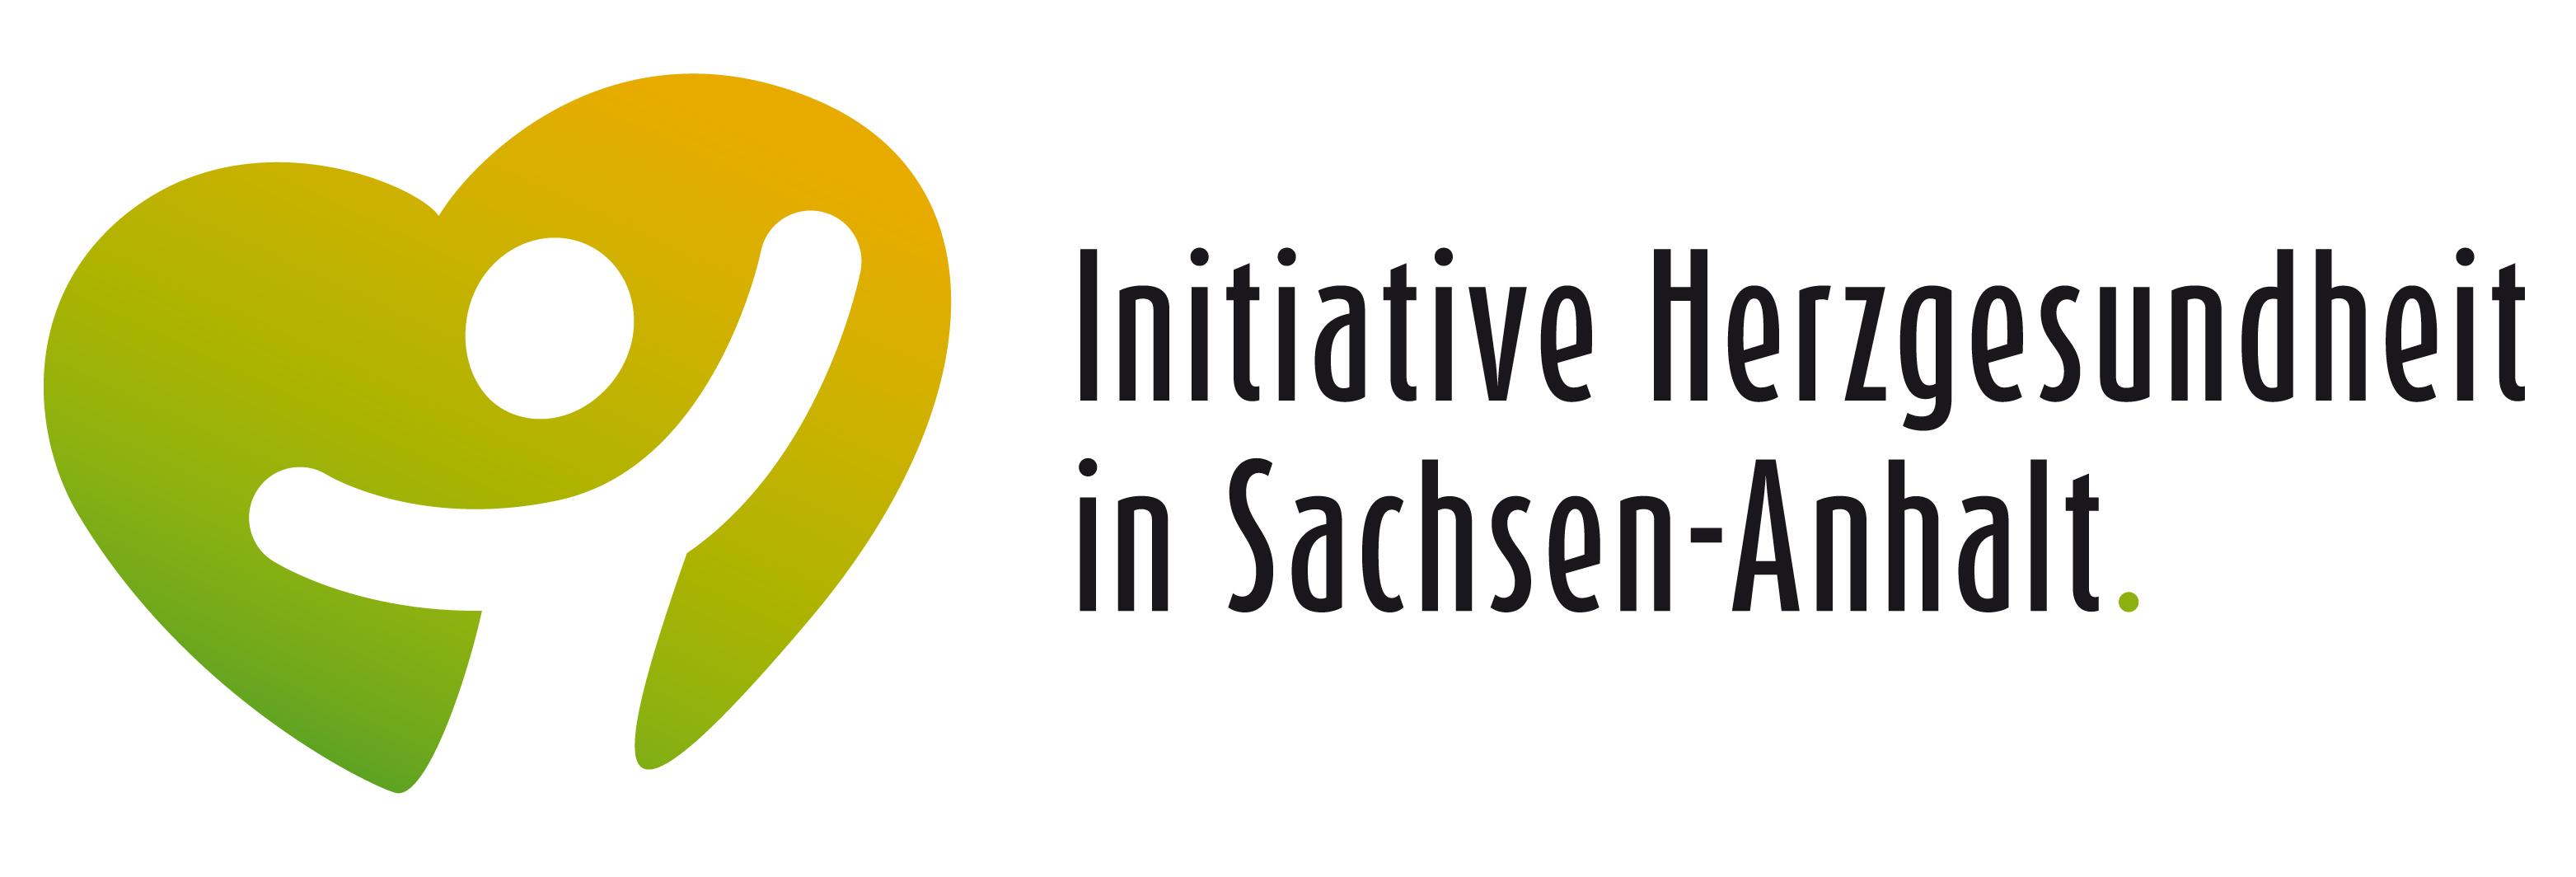 Krankenhausgesellschaft Sachsen Anhalt Ev